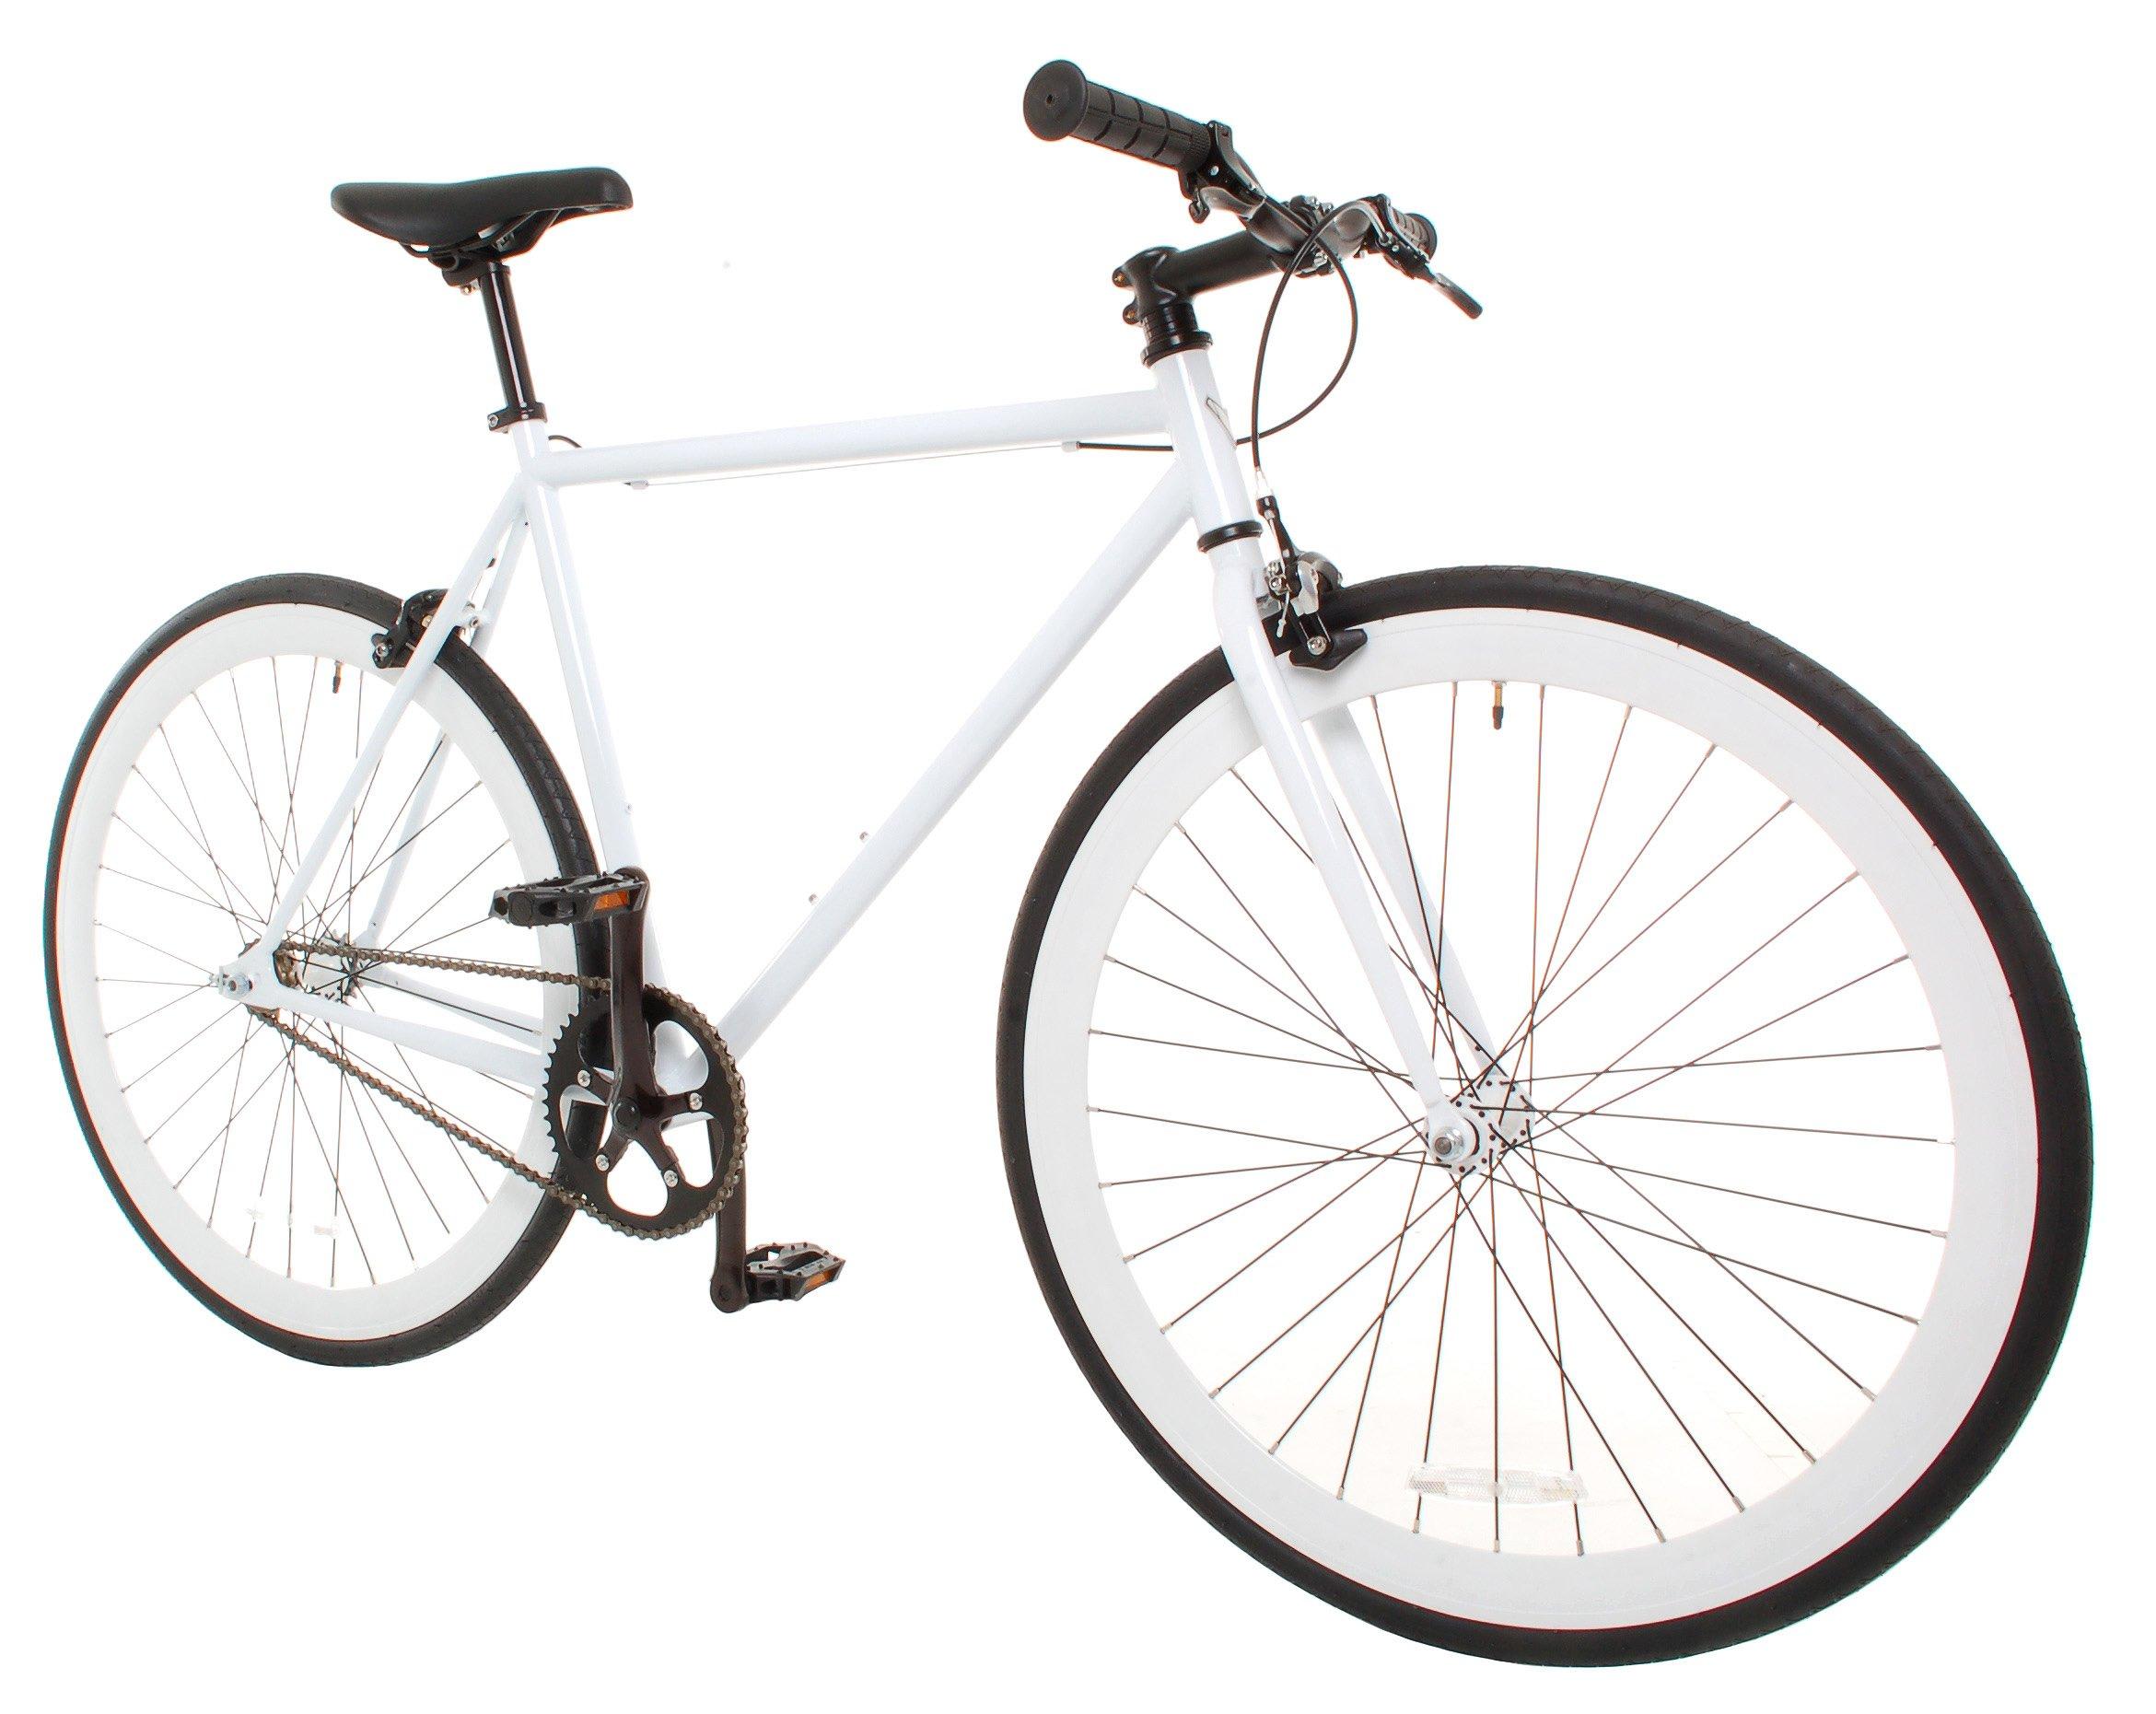 New Fixie Bike Vilano Medium 54cm Rampage Fixed Gear Bike Fixie Road Bike, Whit